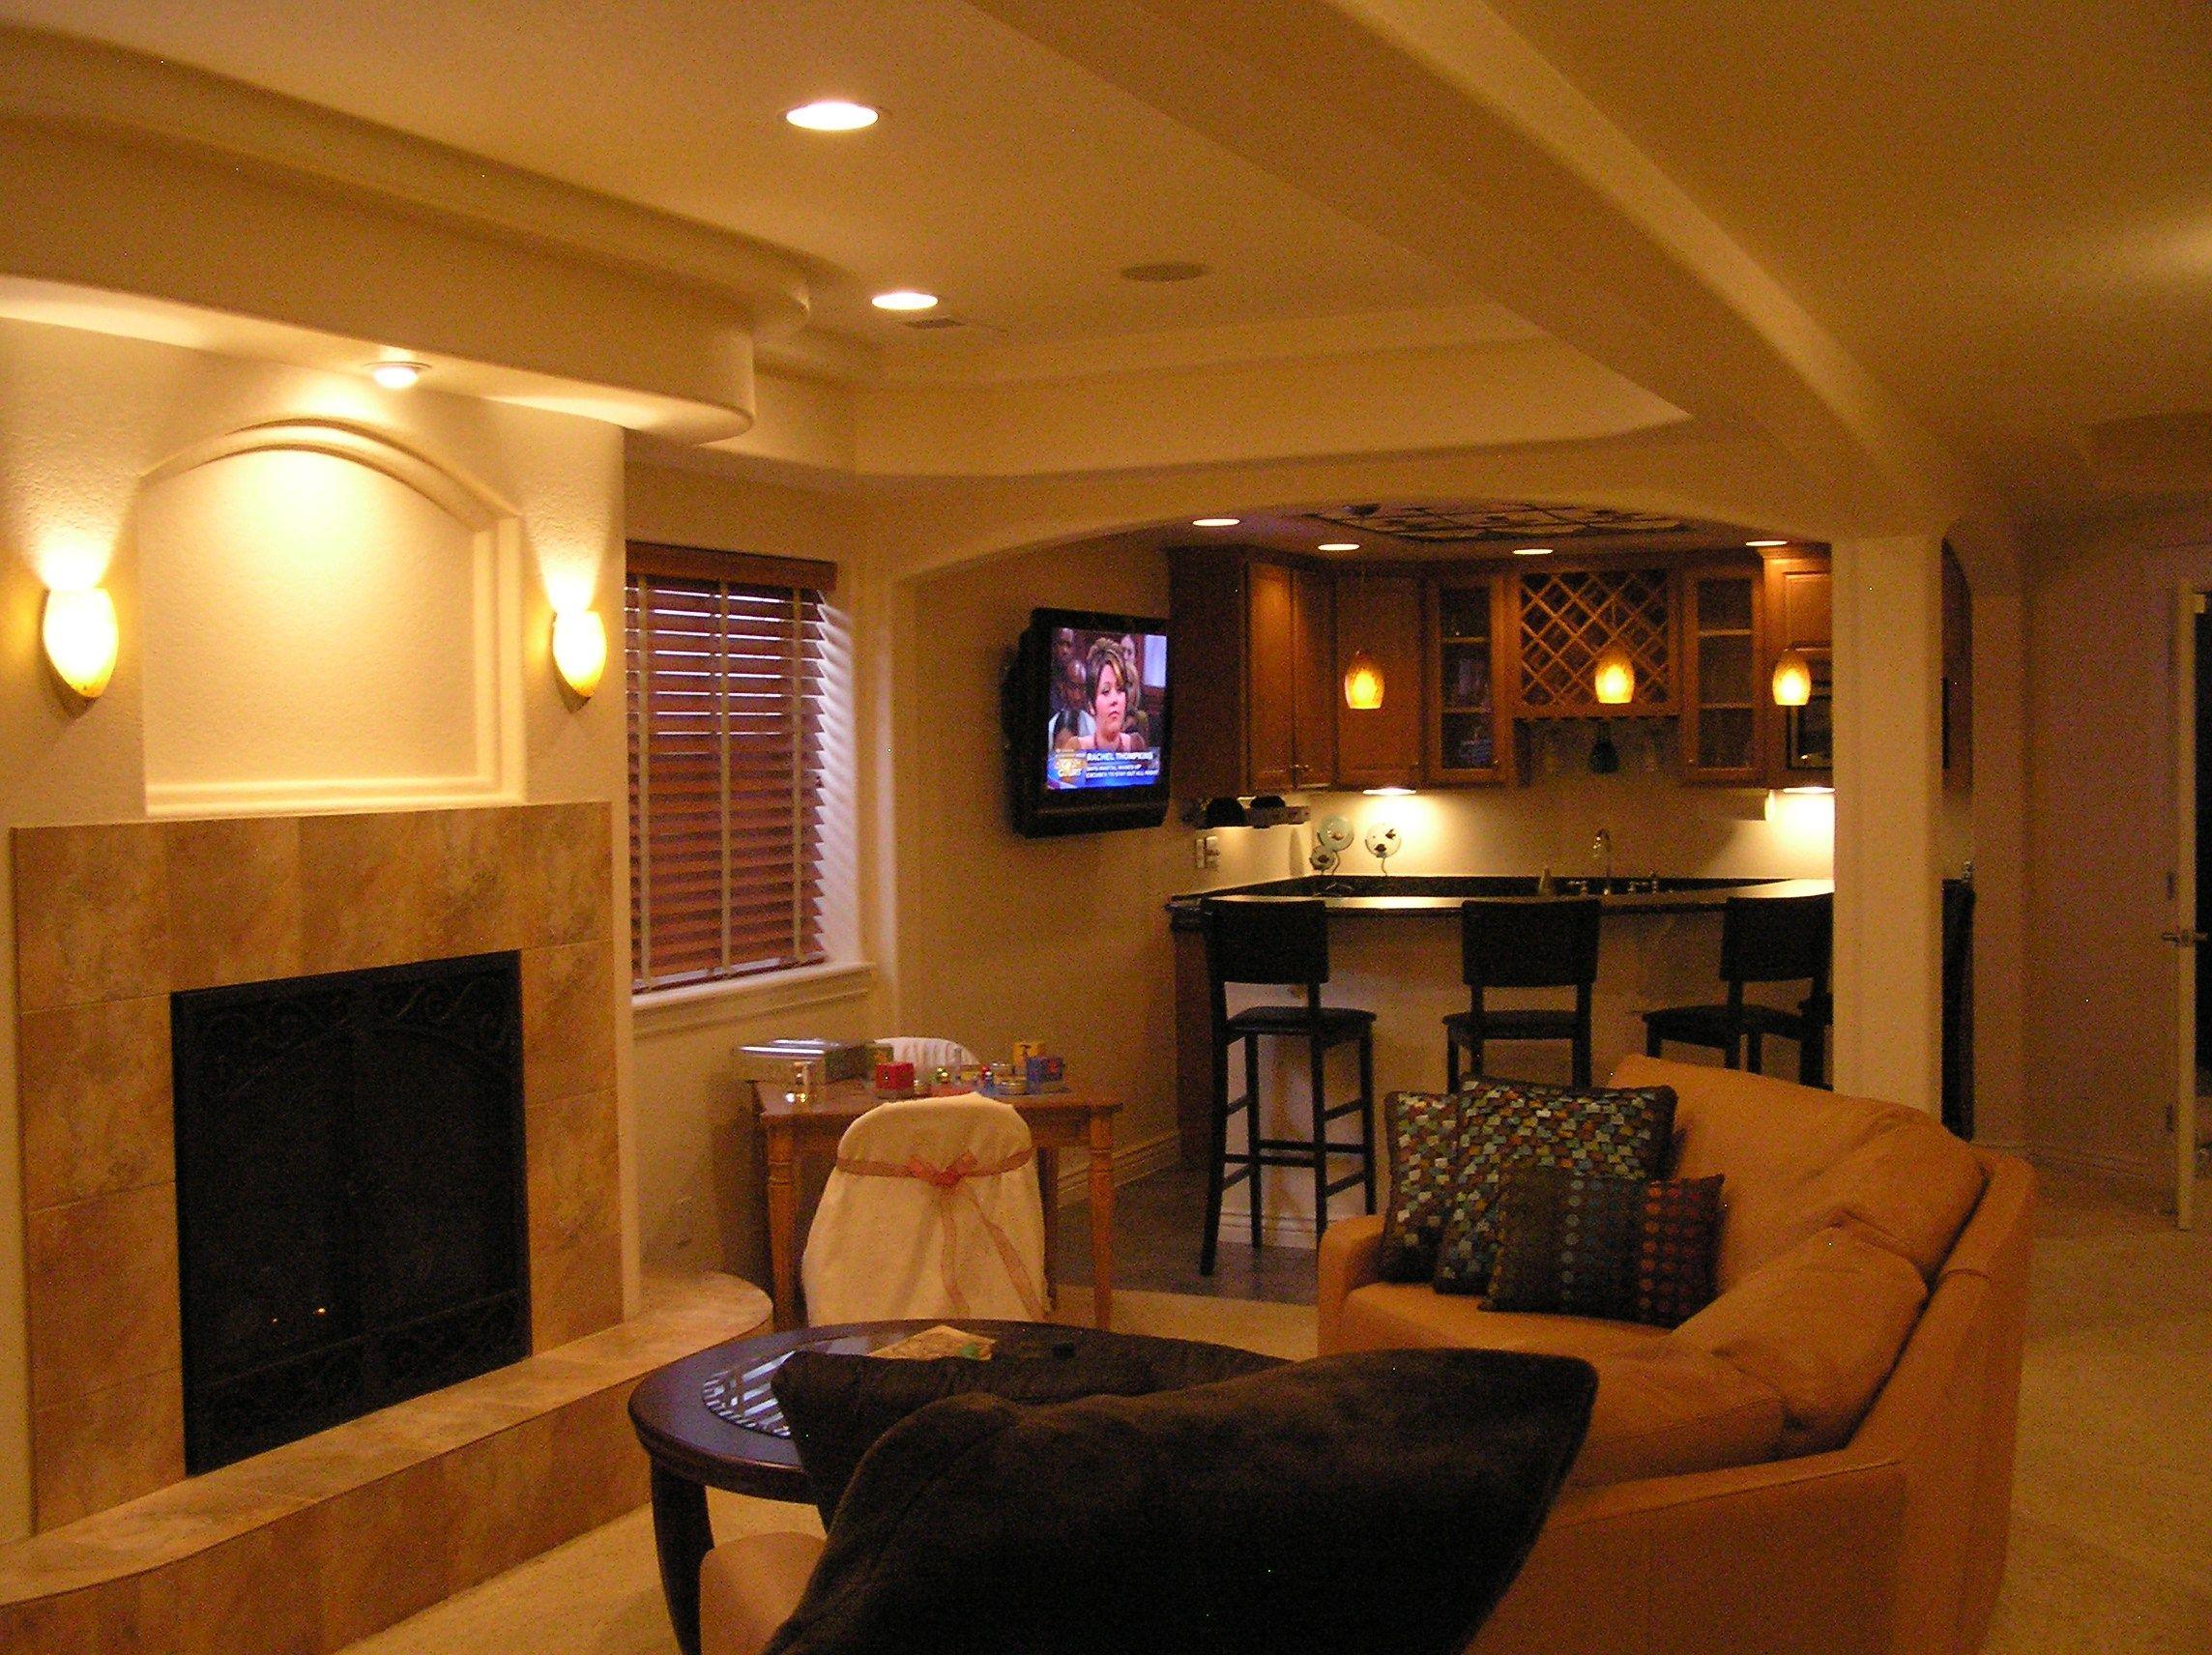 Elegant Www.basementdesigner.com Basement Designer